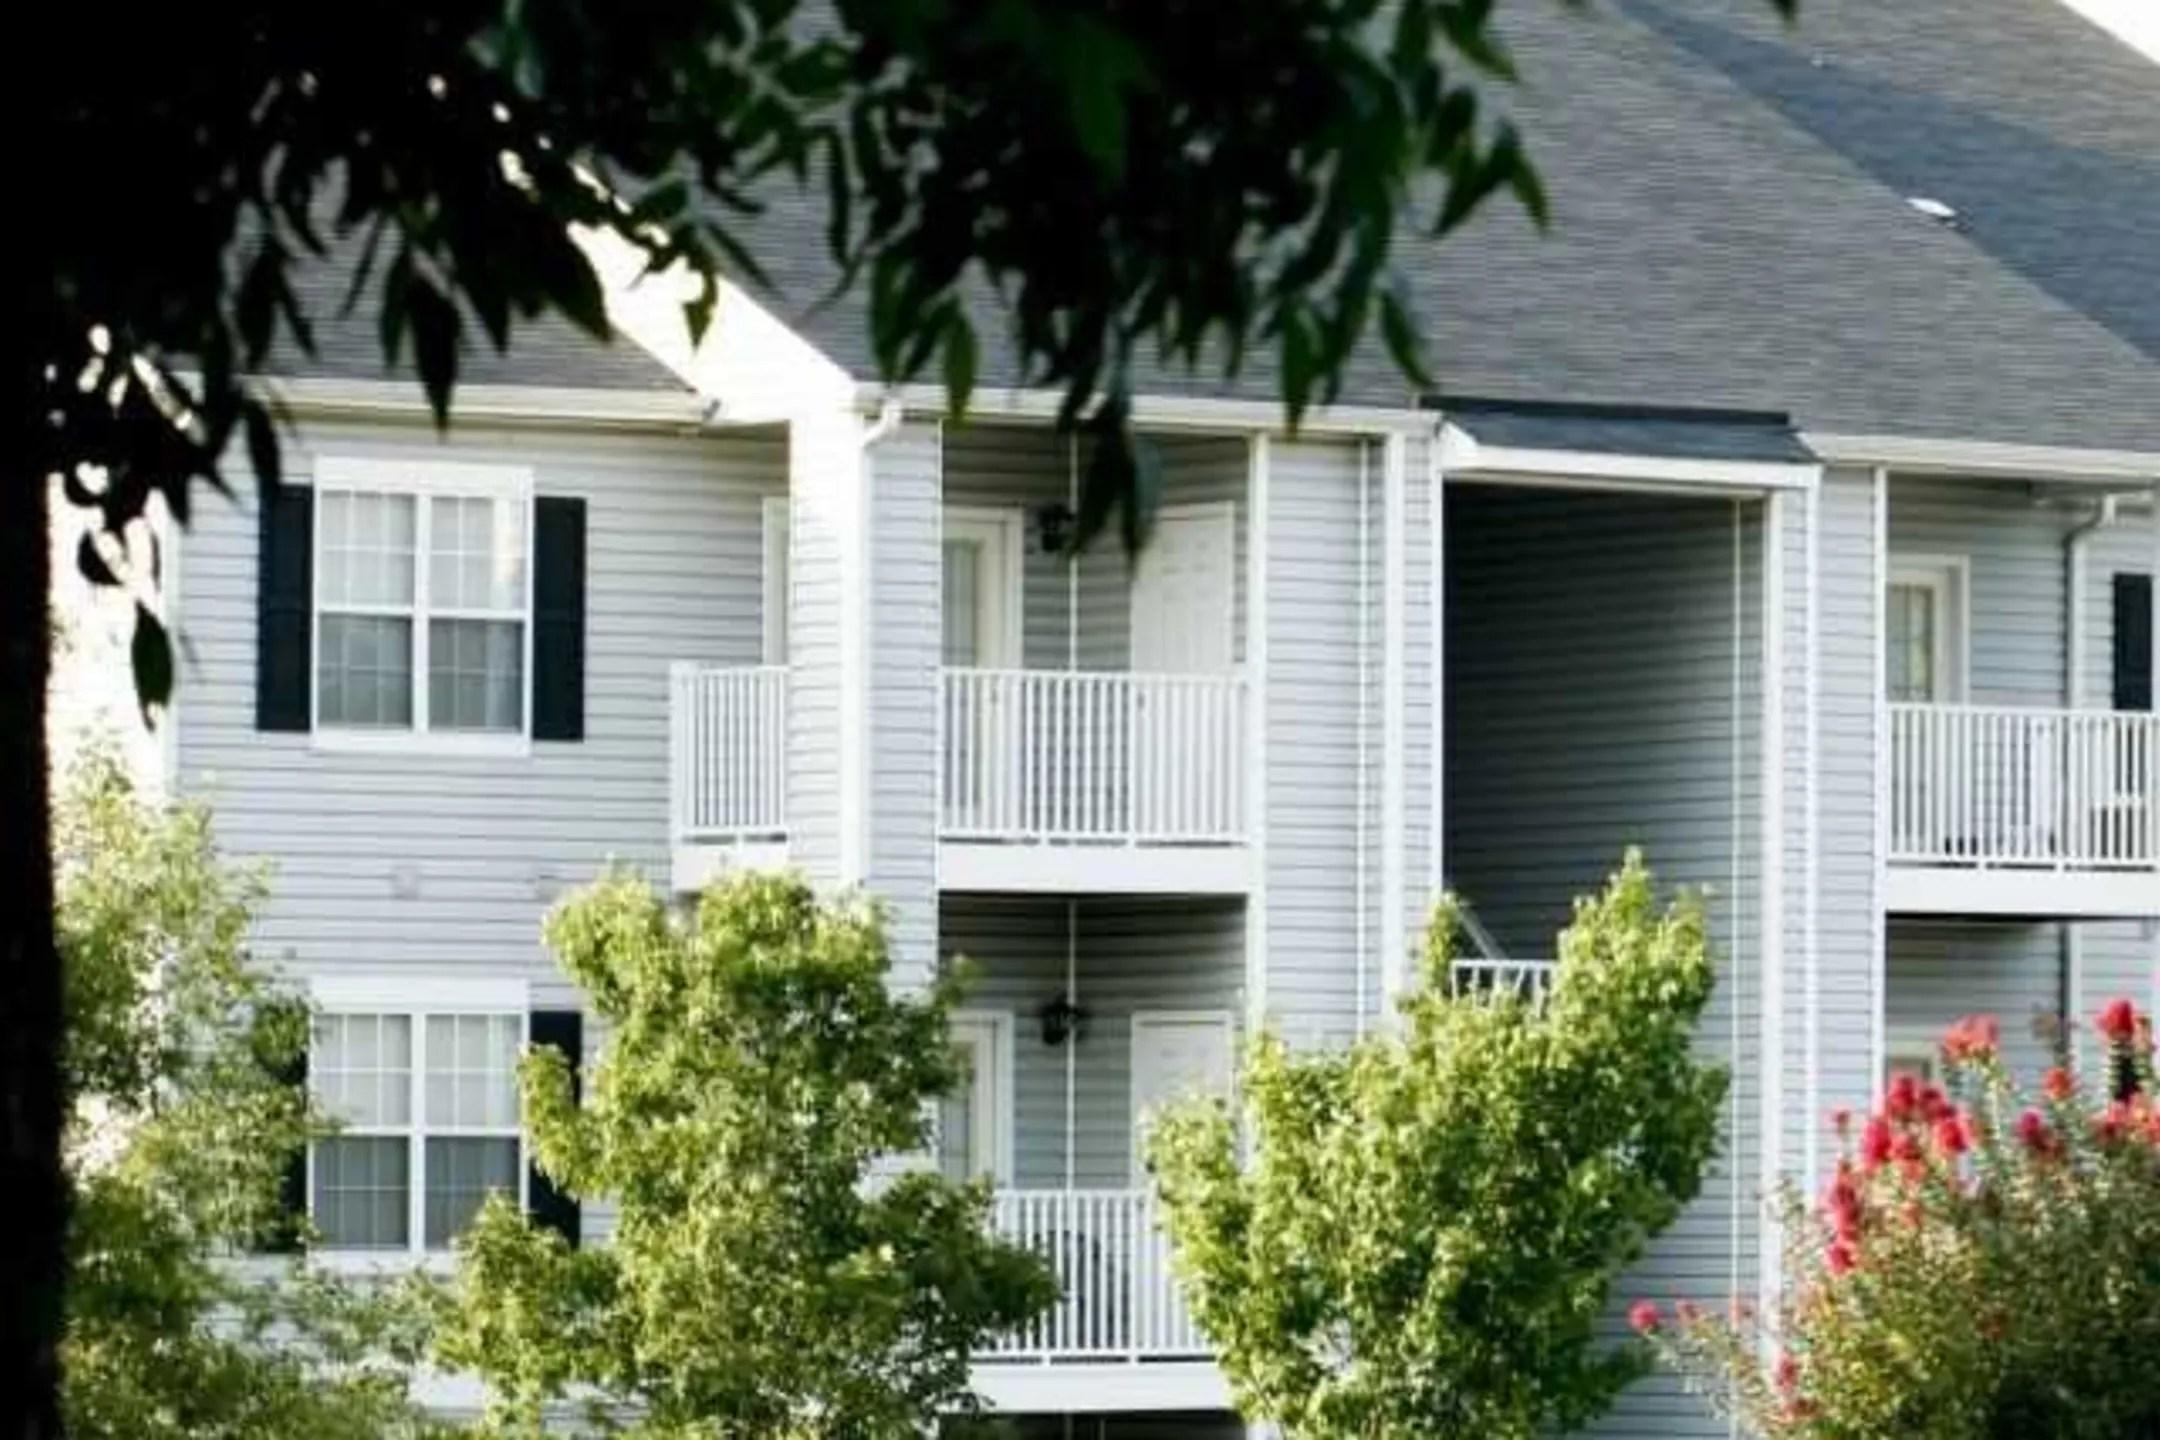 3 Bedroom Houses Rent Greensboro Nc. 3 Bedroom Houses Rent Greensboro Nc   Home Decoration